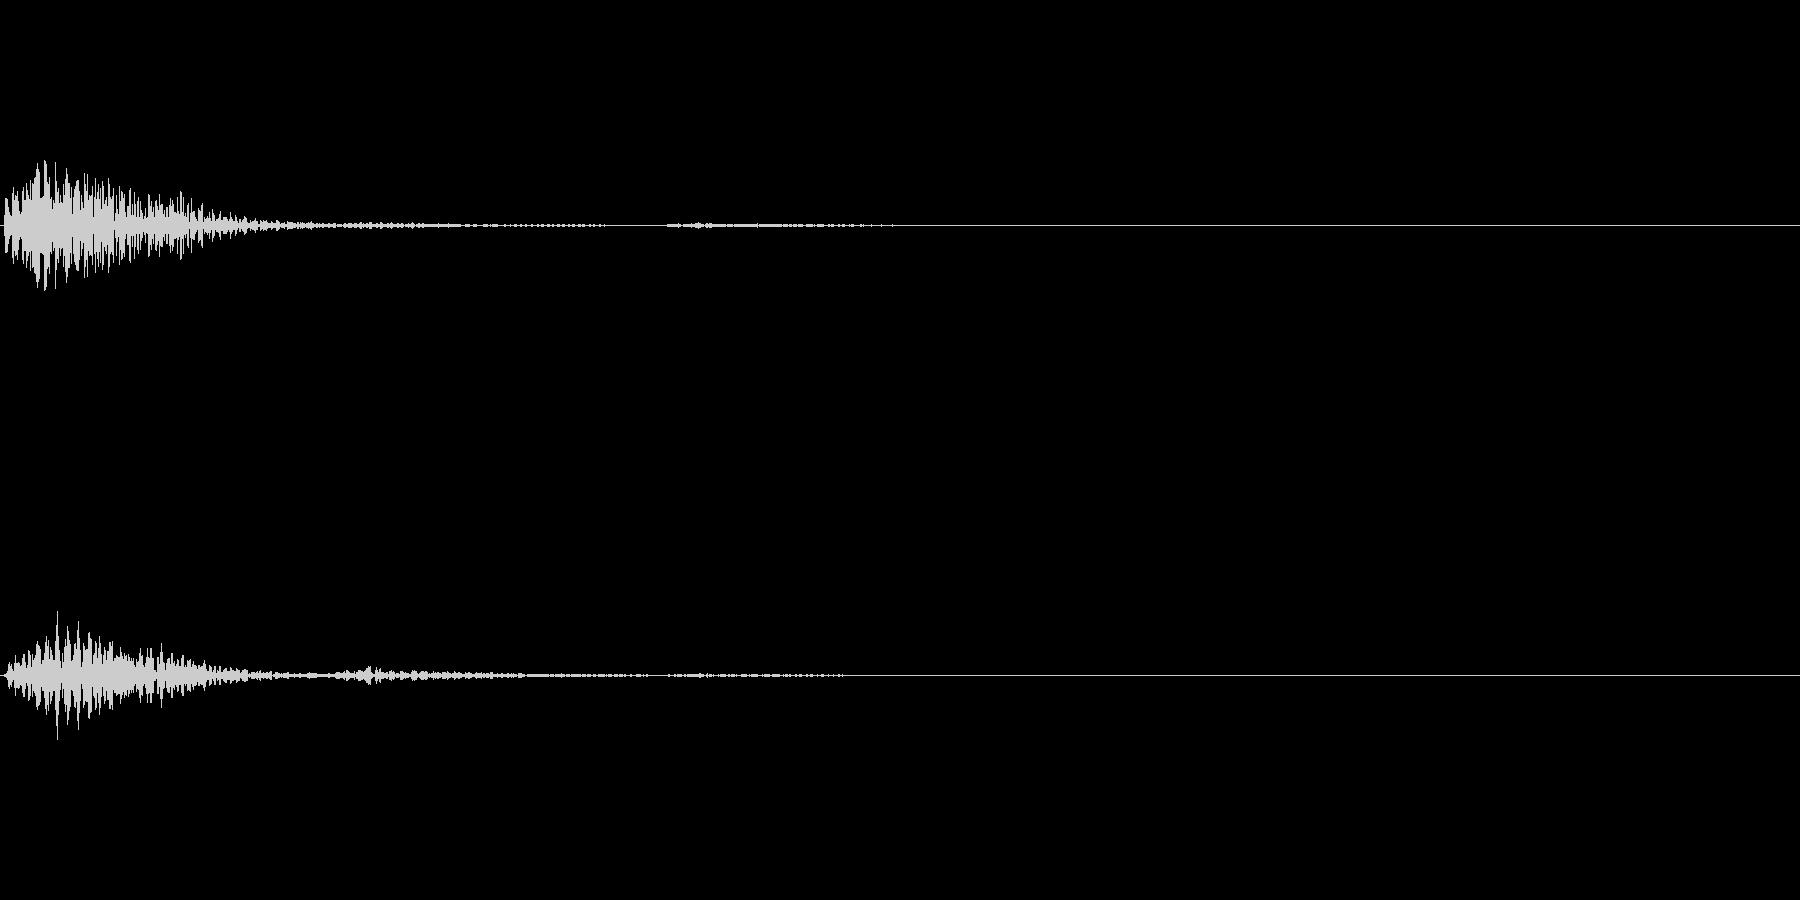 キャンセル シンセ01の未再生の波形